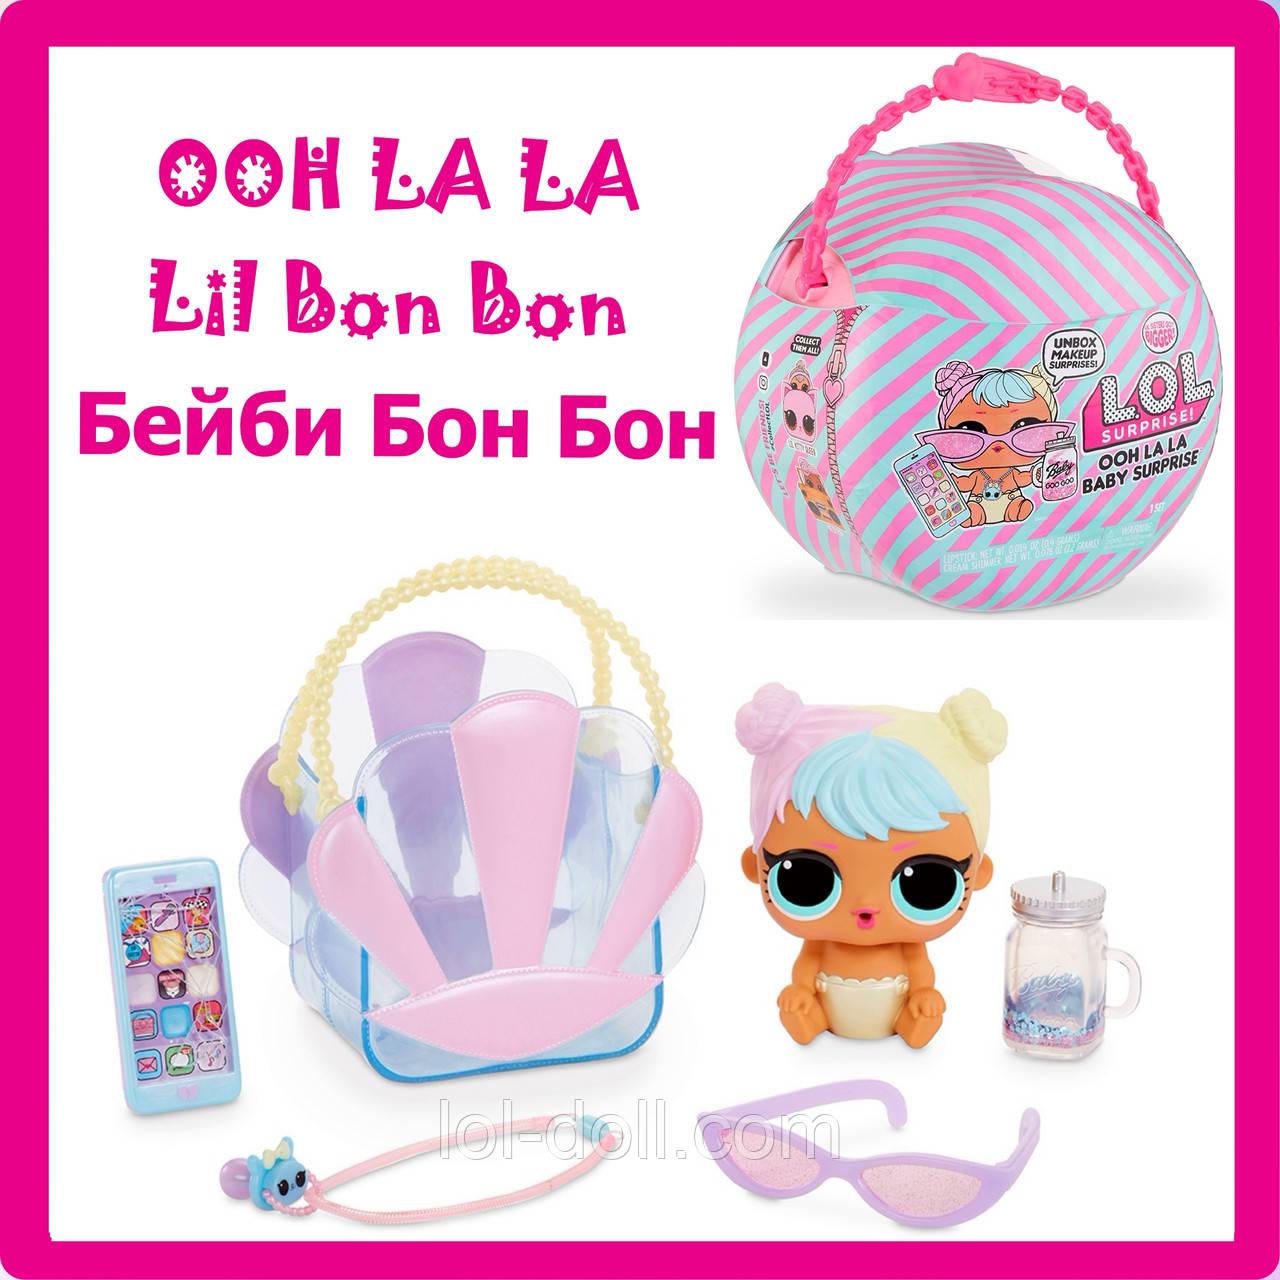 """Игровой набор с куклой серии """"Ooh La La Baby Surprise"""" Кукла ЛОЛ - Lil Bon Bon - Бейби Бон Бон"""